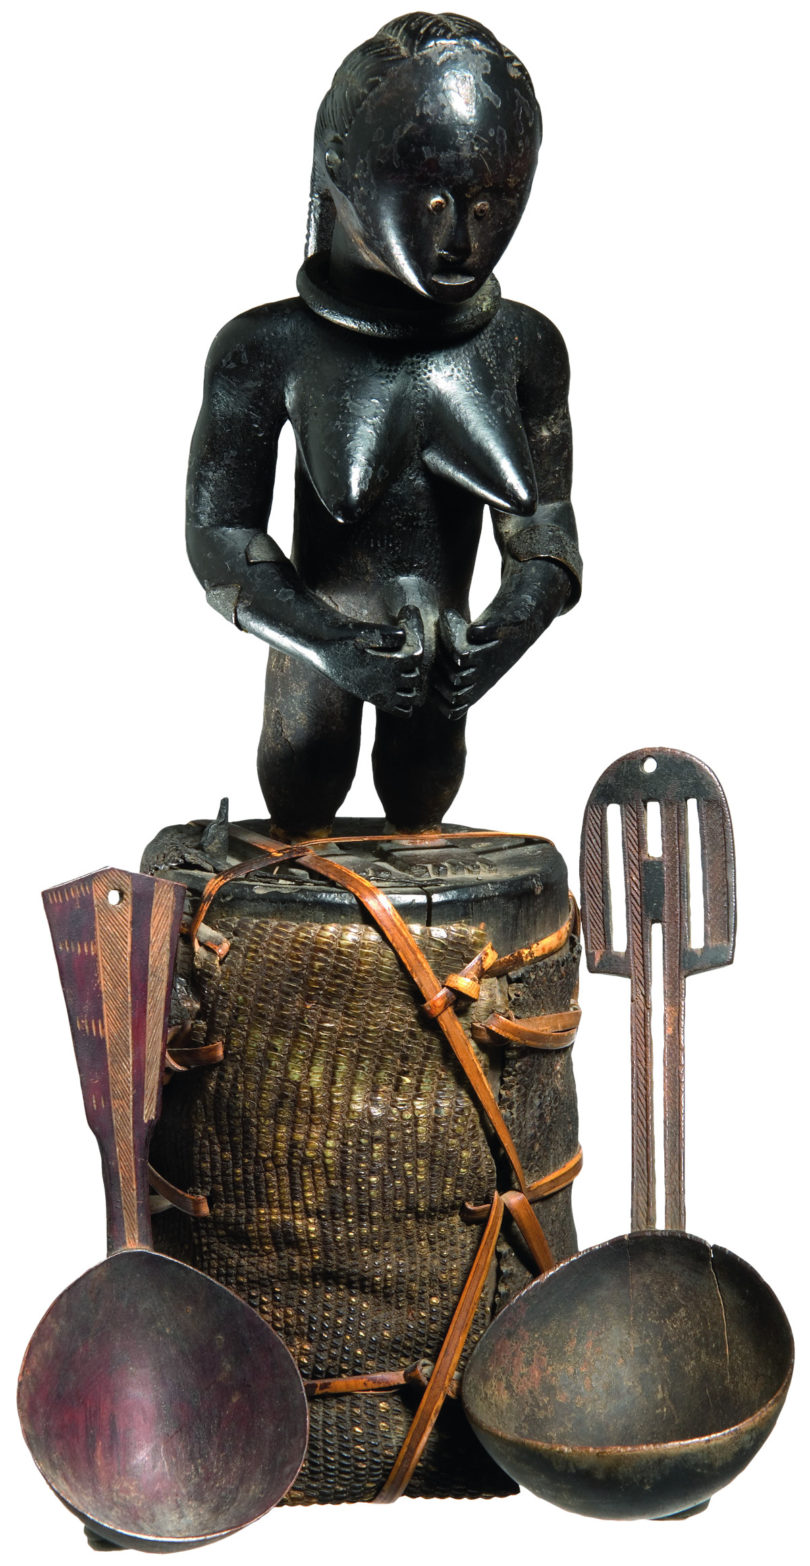 Fetischfigur der Fang aus der Sammlung des Kolonialoffiziers Zickwolff